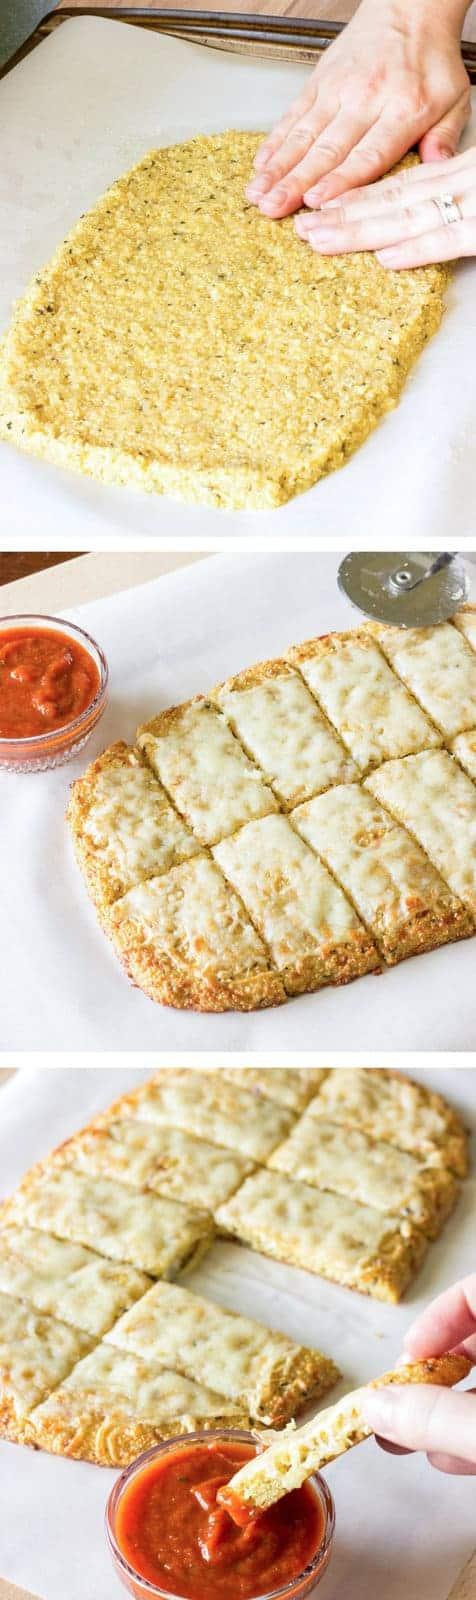 Quinoa Crust for Pizza or Cheesy Garlic Bread